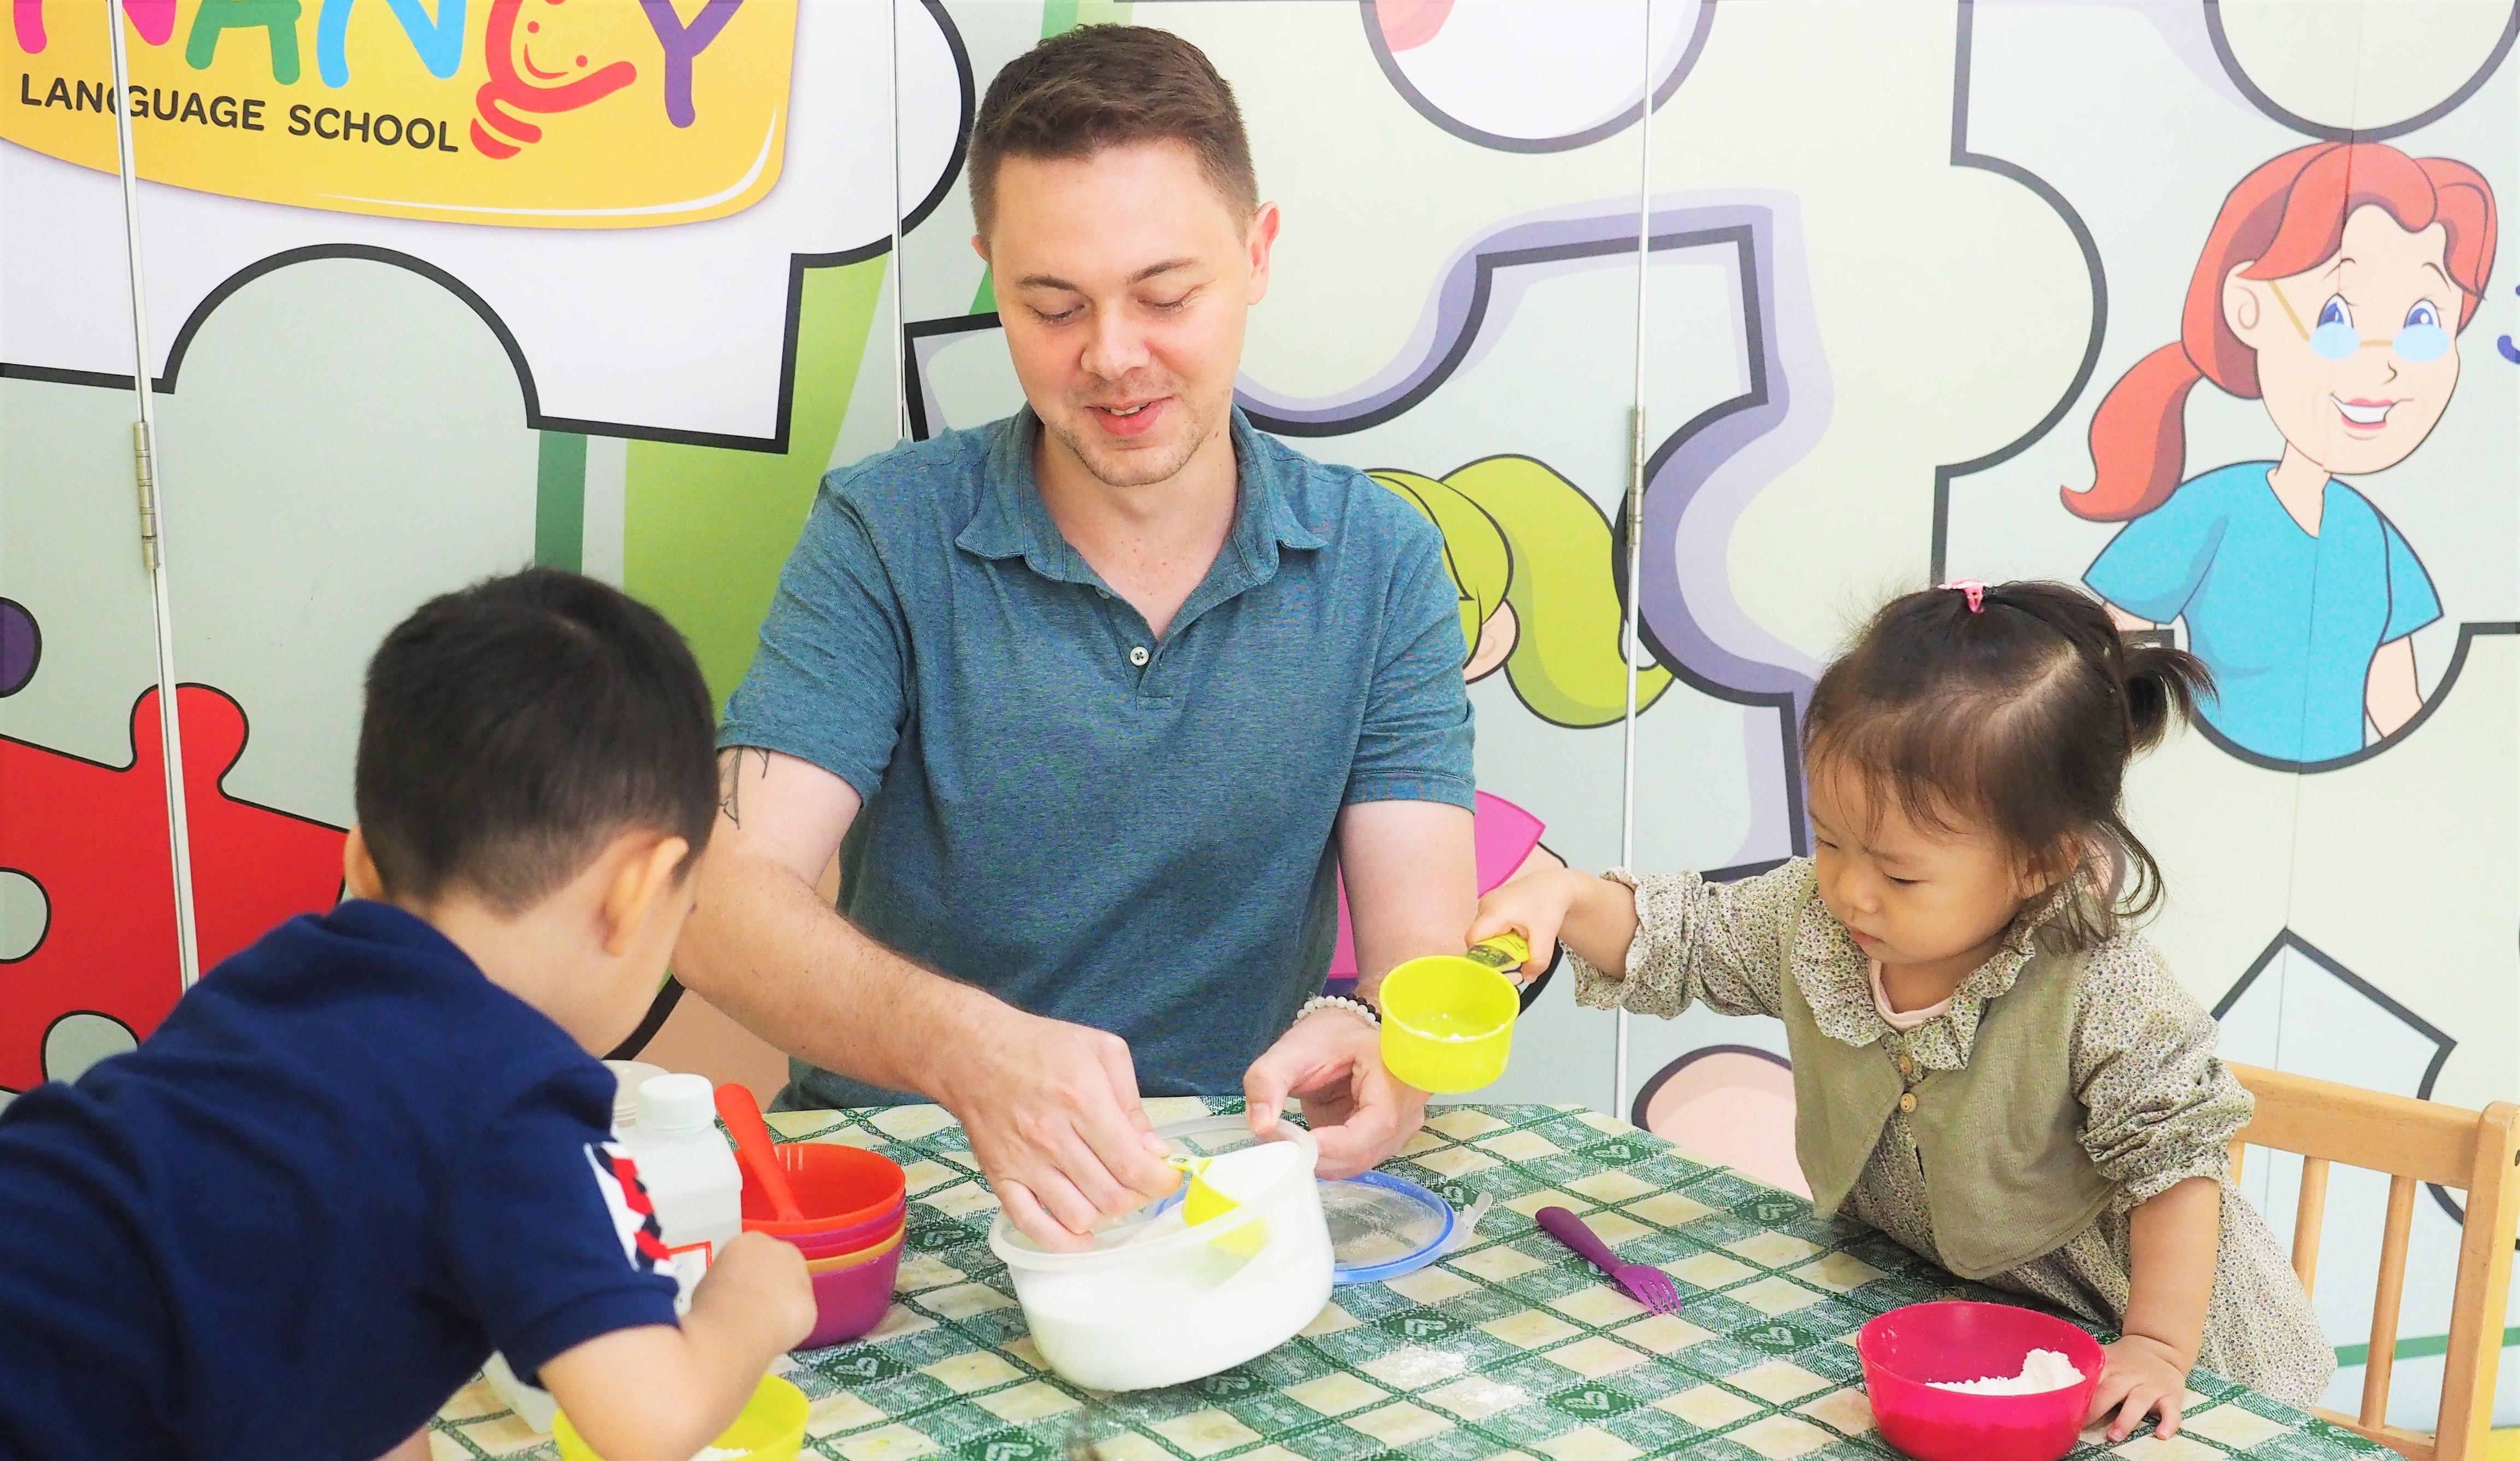 英語クラス・英語ナーサリー・大人タイ語・中国語の多種多様な言語クラスを開校する『Nancy Language School』